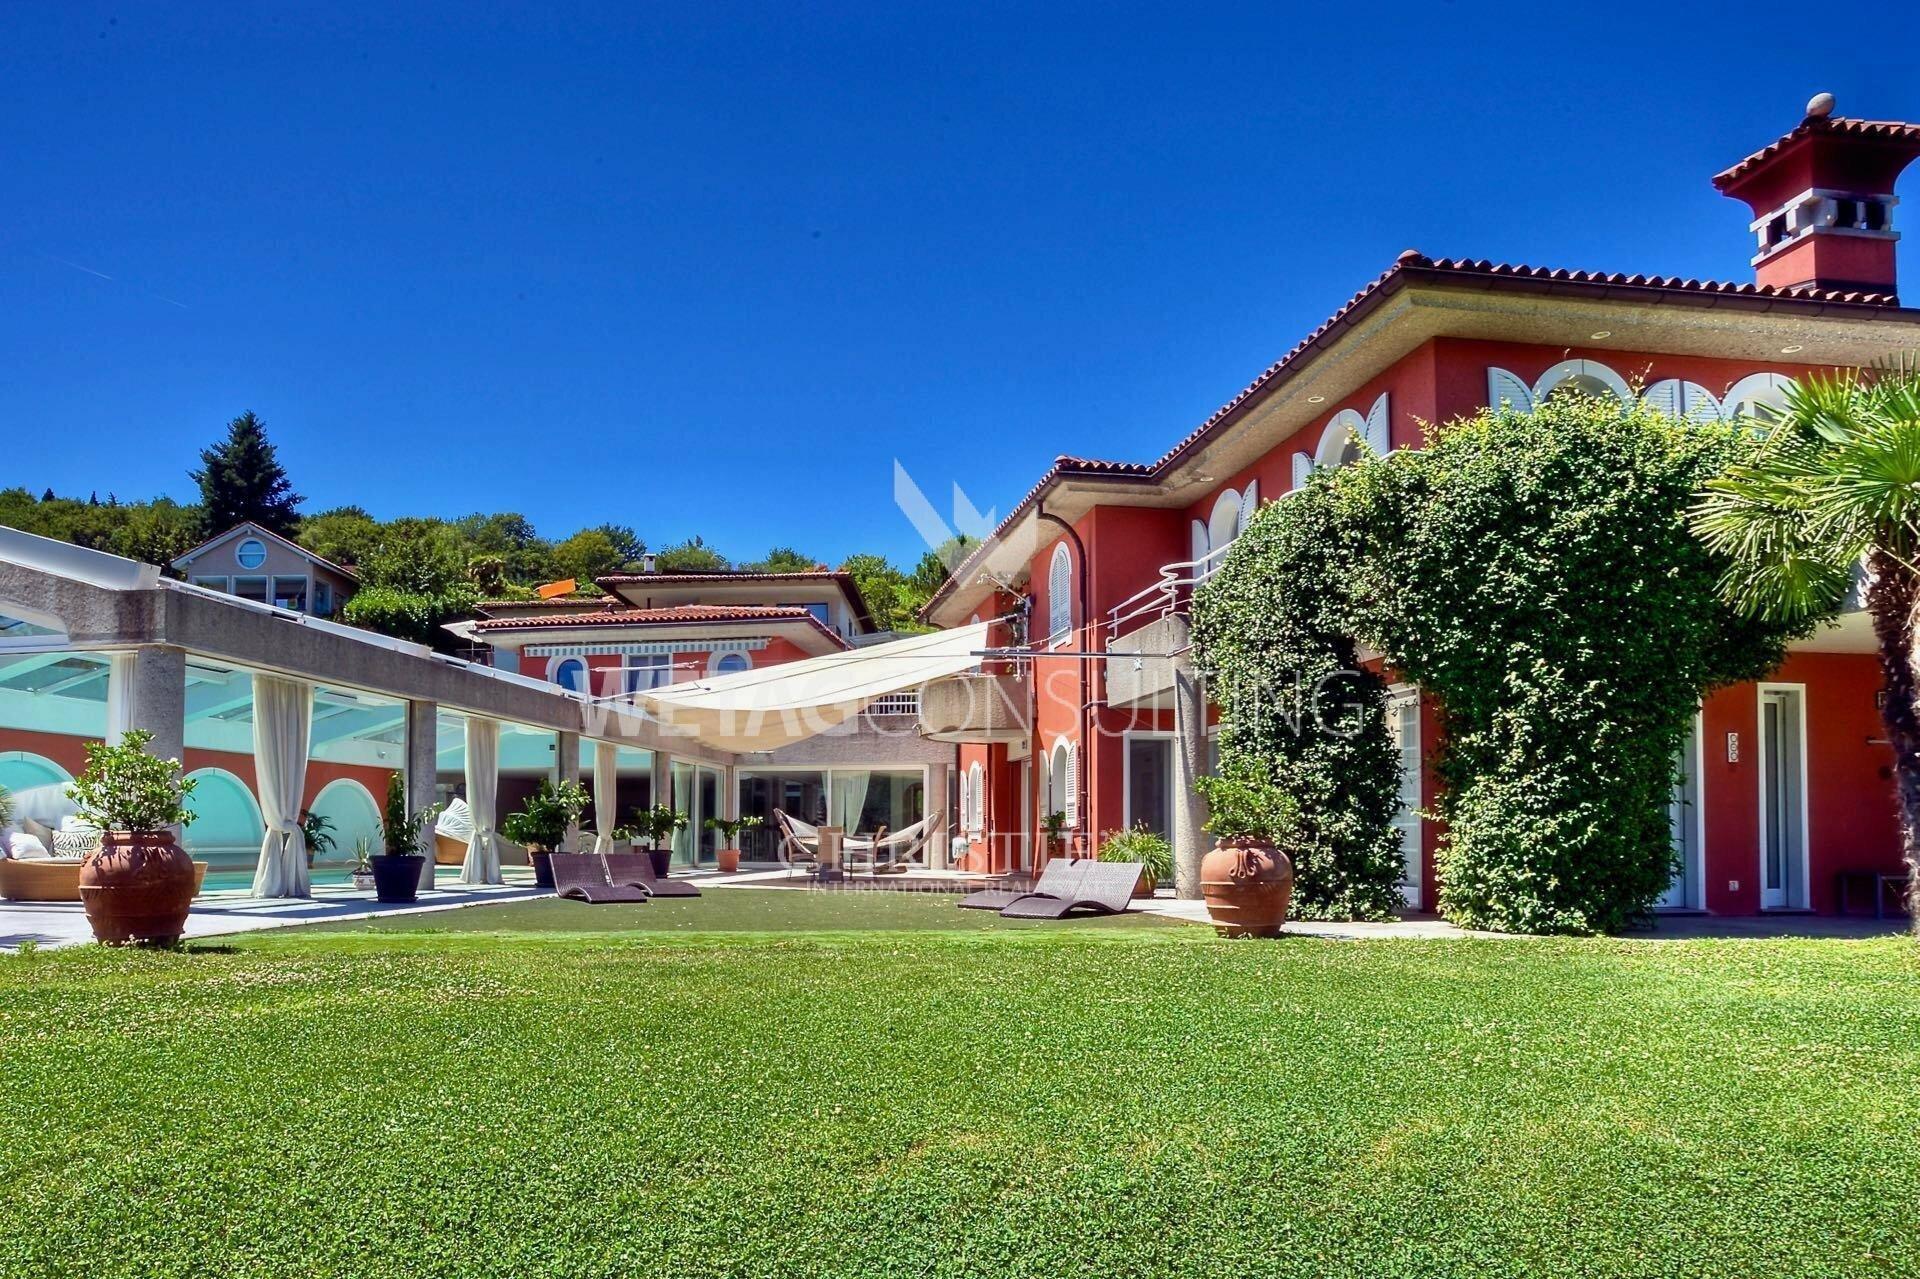 Villa in Lugano, Ticino, Switzerland 1 - 11577836